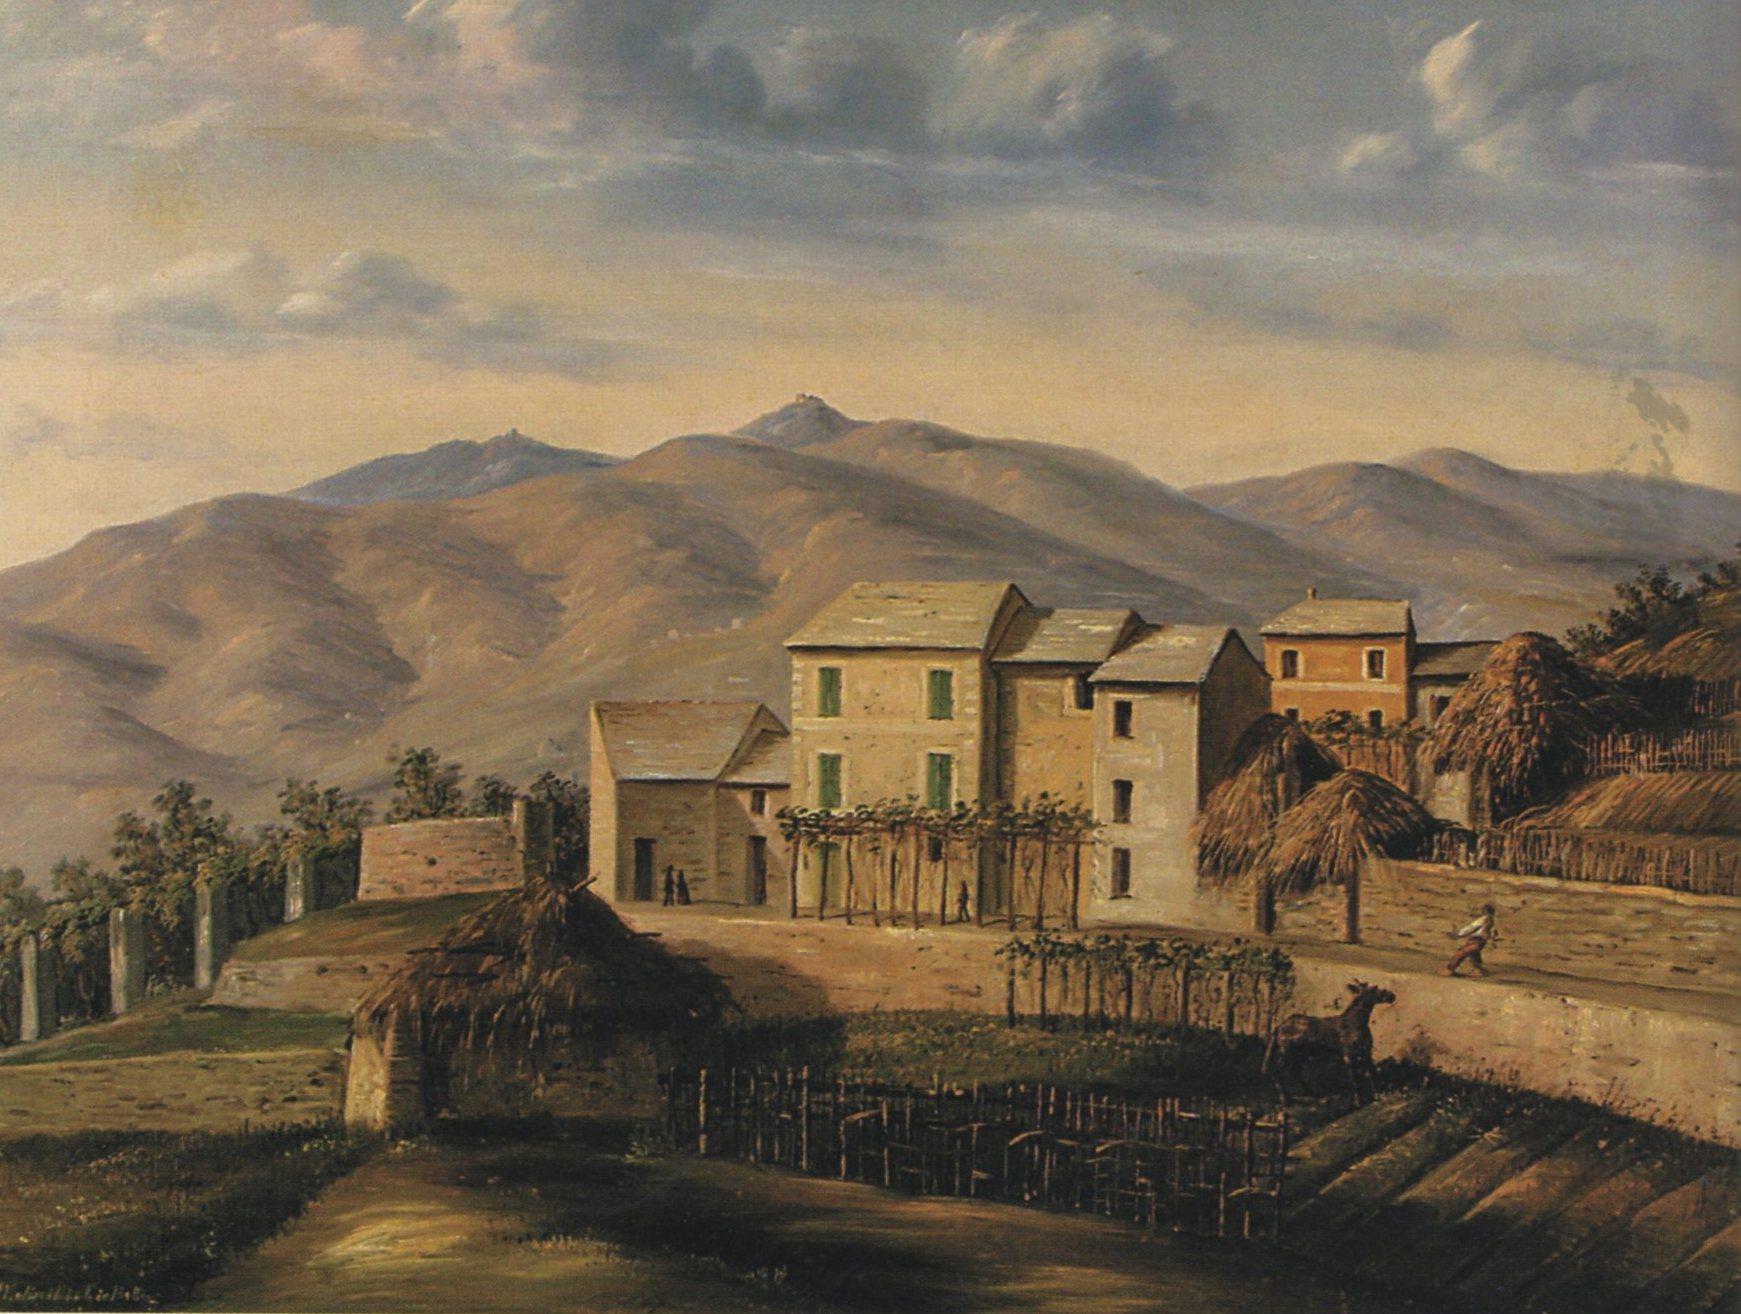 MOLINELLI GIOVANNI BATTISTA, Paese dell'emtroterra ligure, (1860)